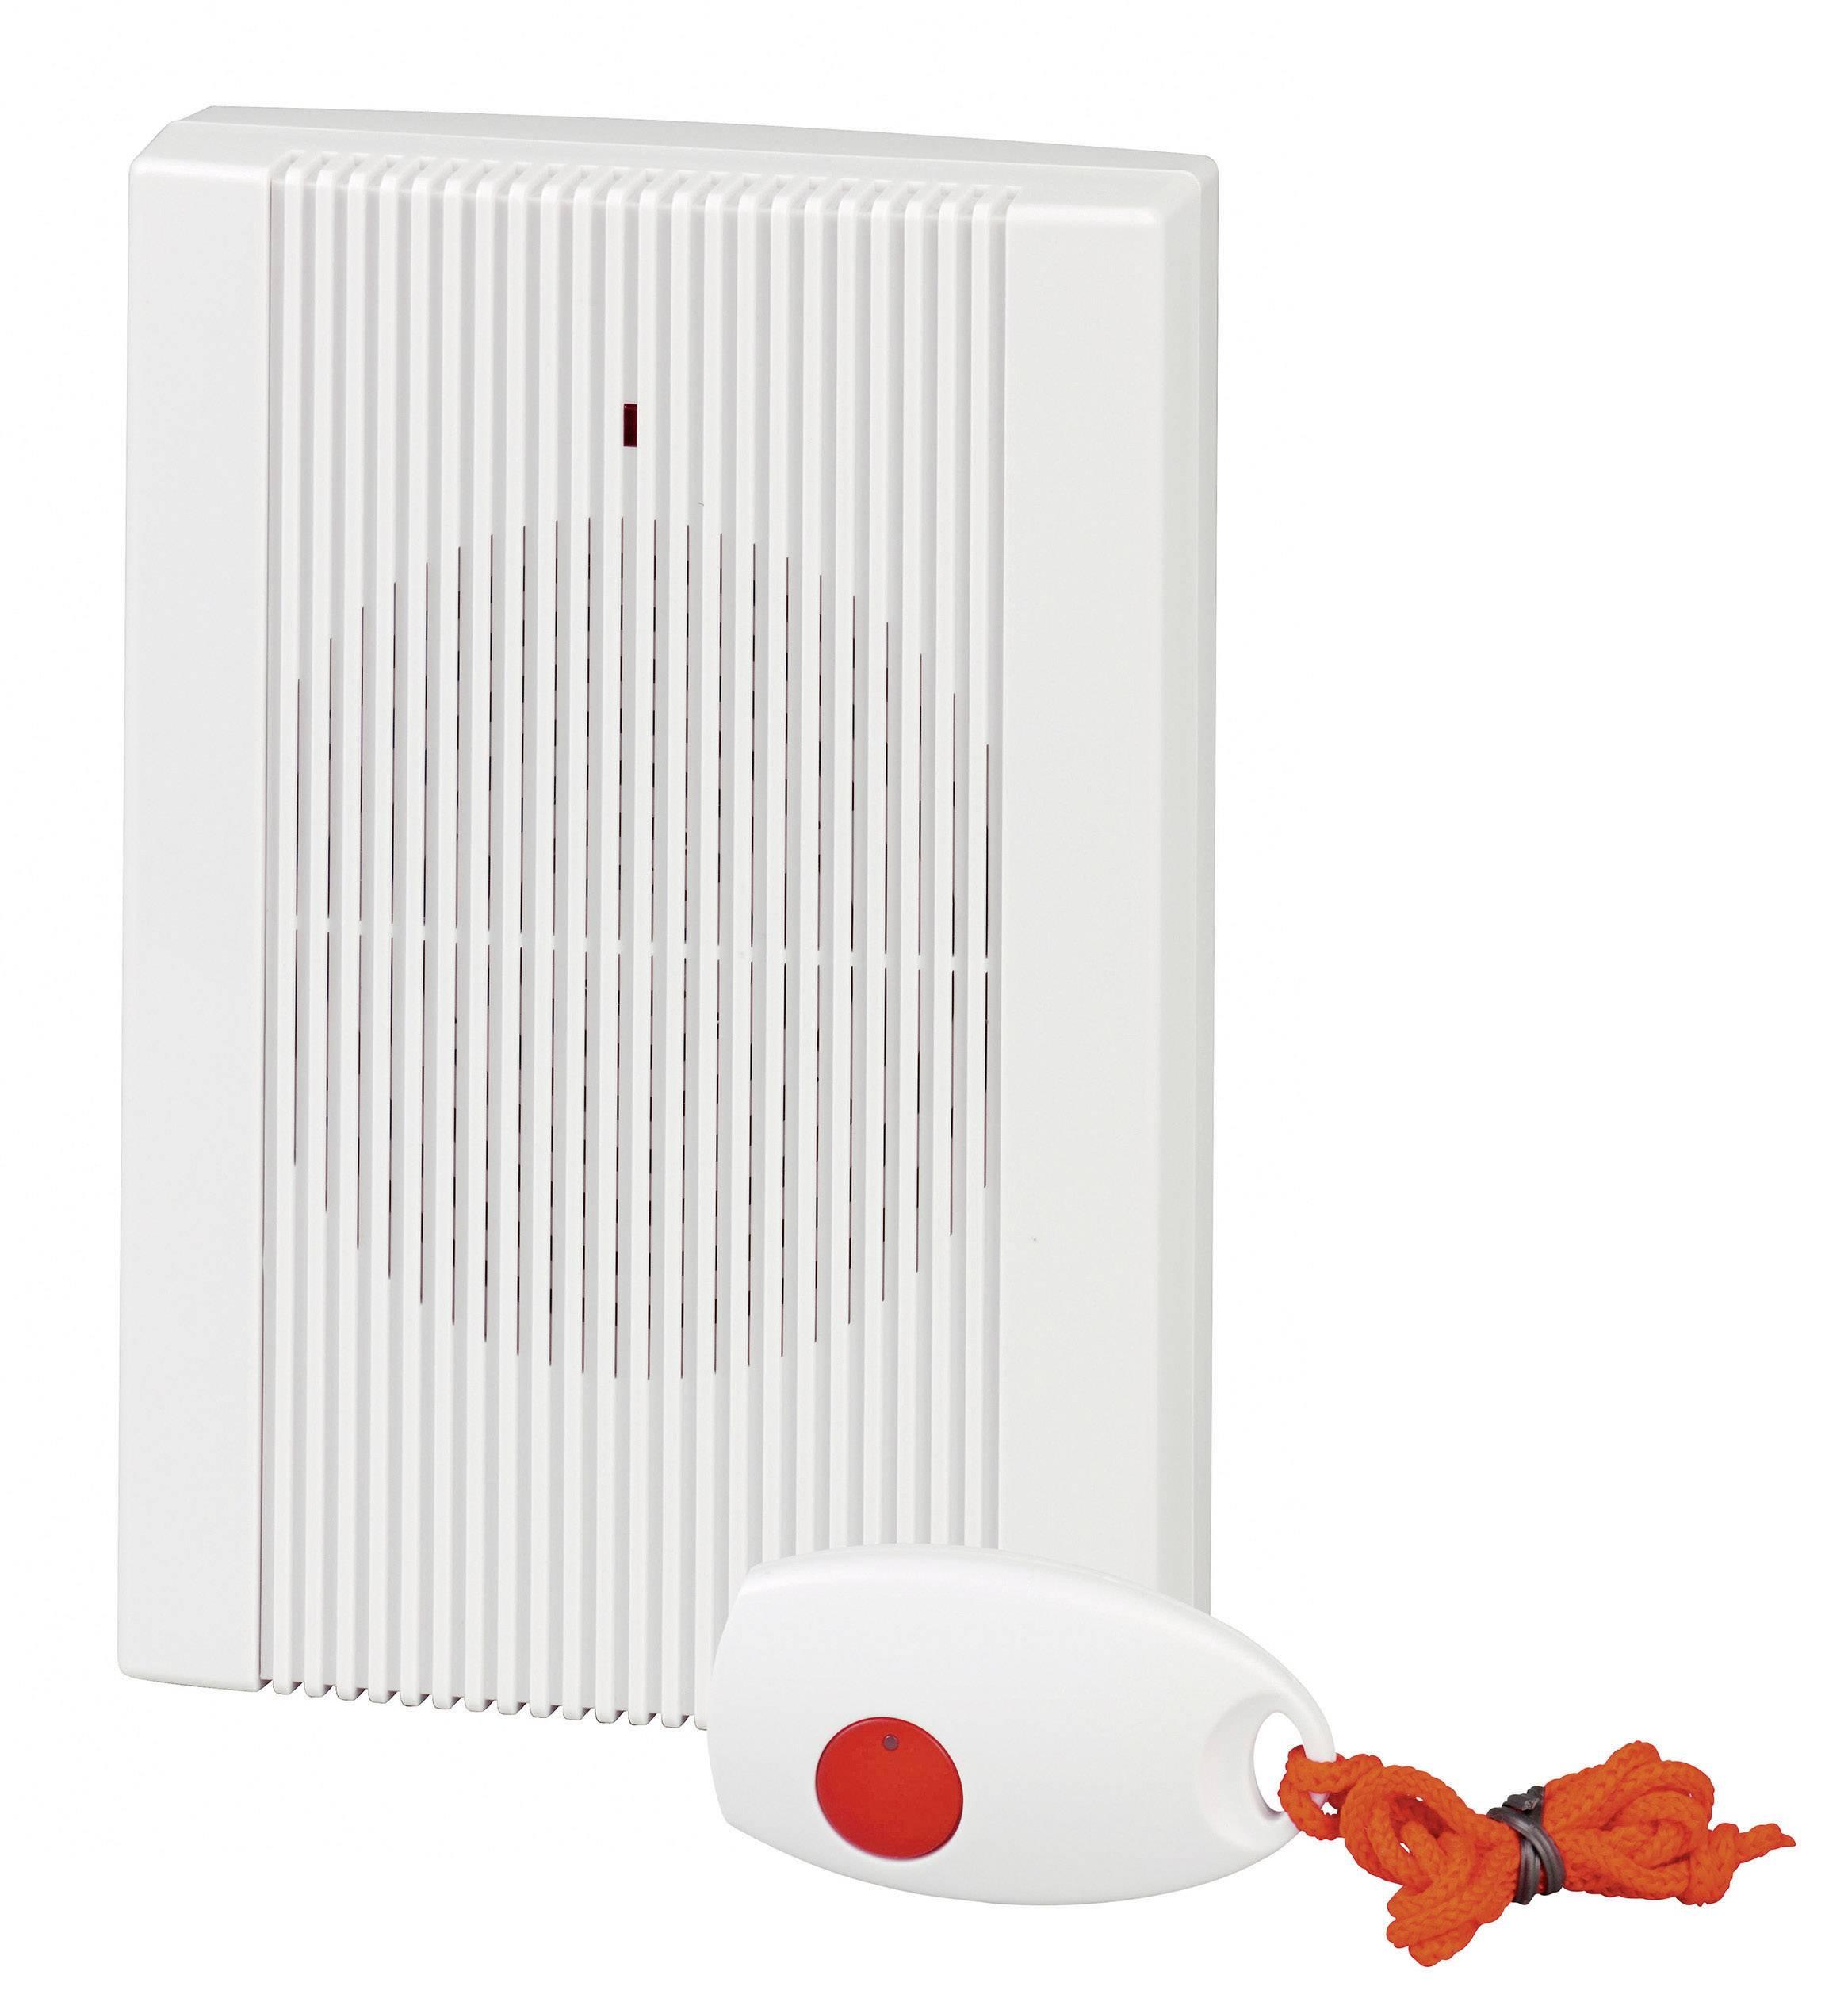 Bezdrôtový zvonček Heidemann HX Guardian 70844, kompletná sada, max. dosah 150 m, biela, červená